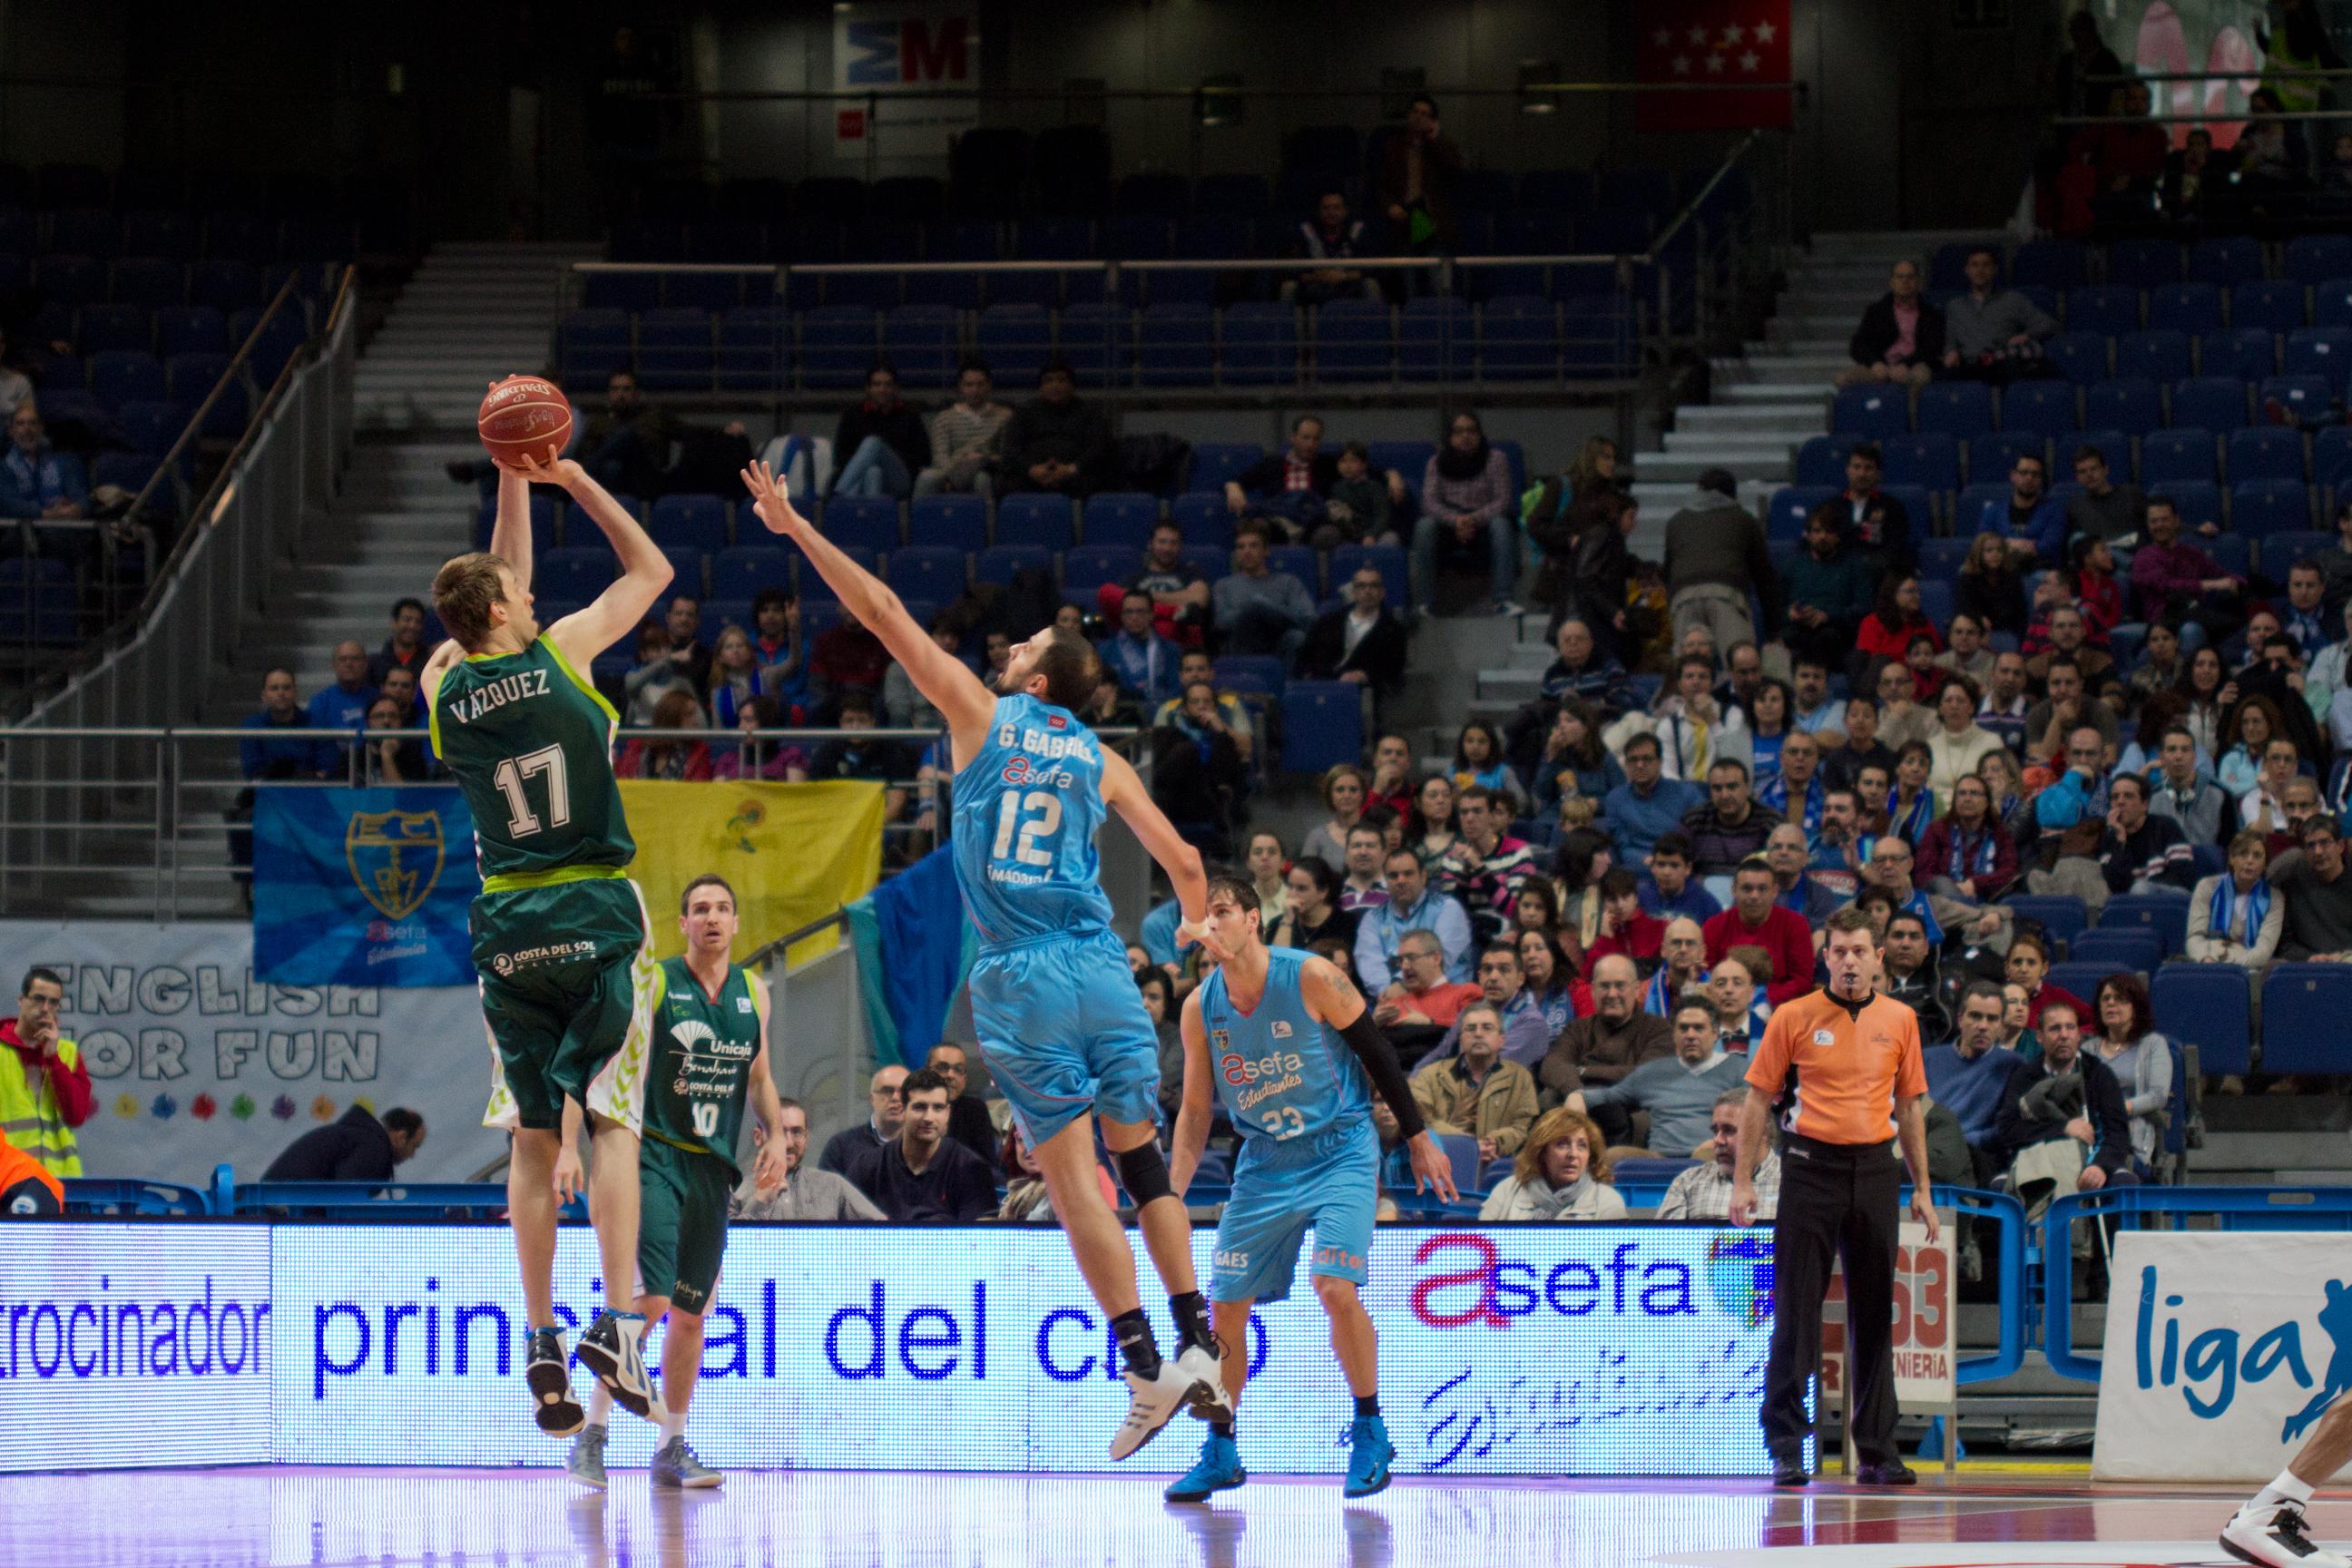 Estudiantes_vs_Unicaja_Málaga_-_Germán_Gabriel_y_Fran_Vázquez_-_02